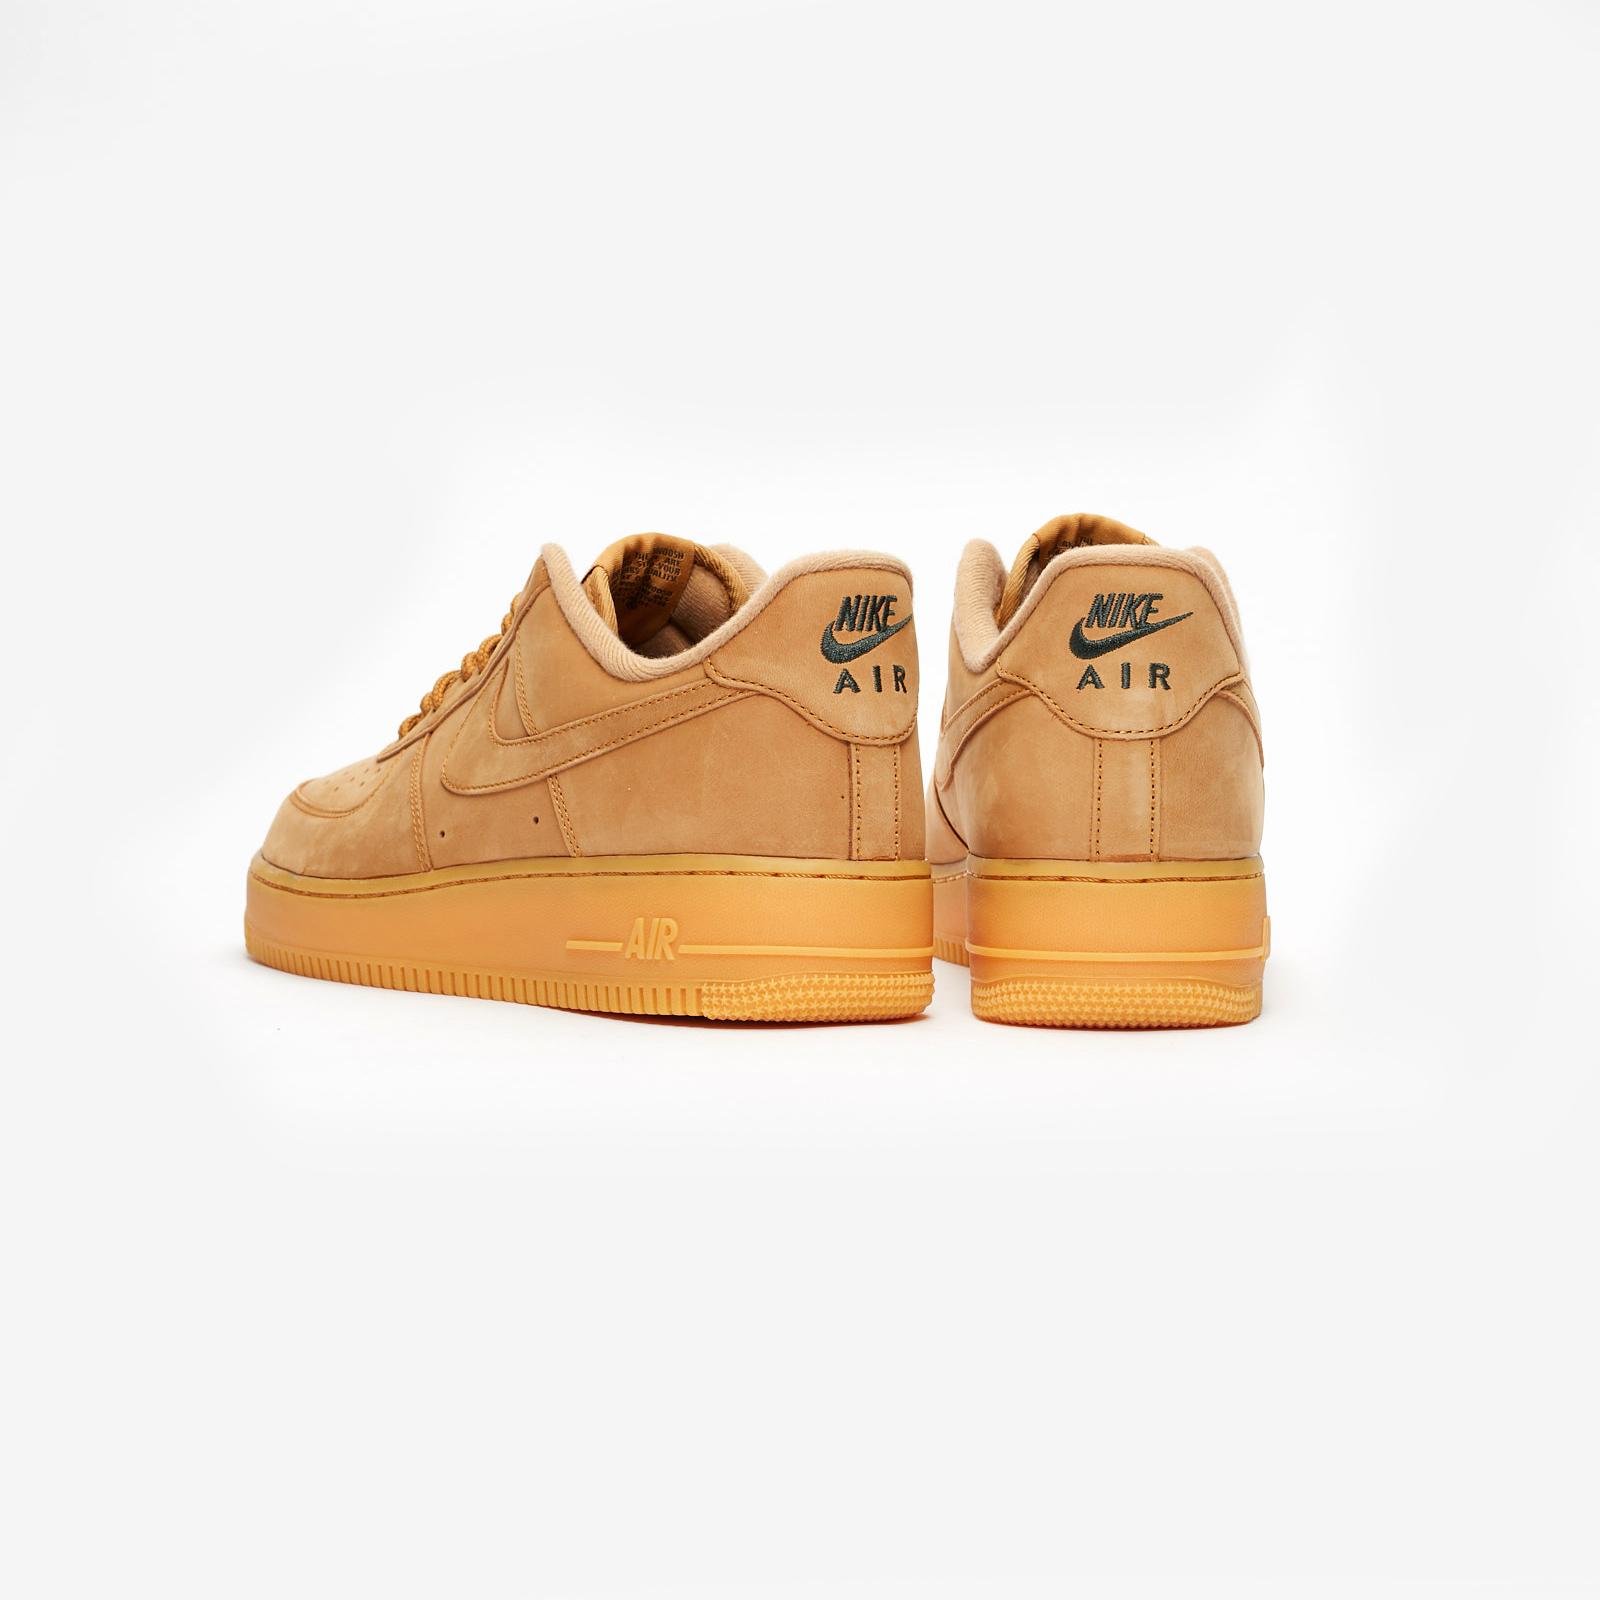 buy popular bdfd3 aacb2 Nike Air Force 1 07 WB - Aa4061-200 - Sneakersnstuff   sneakers    streetwear på nätet sen 1999